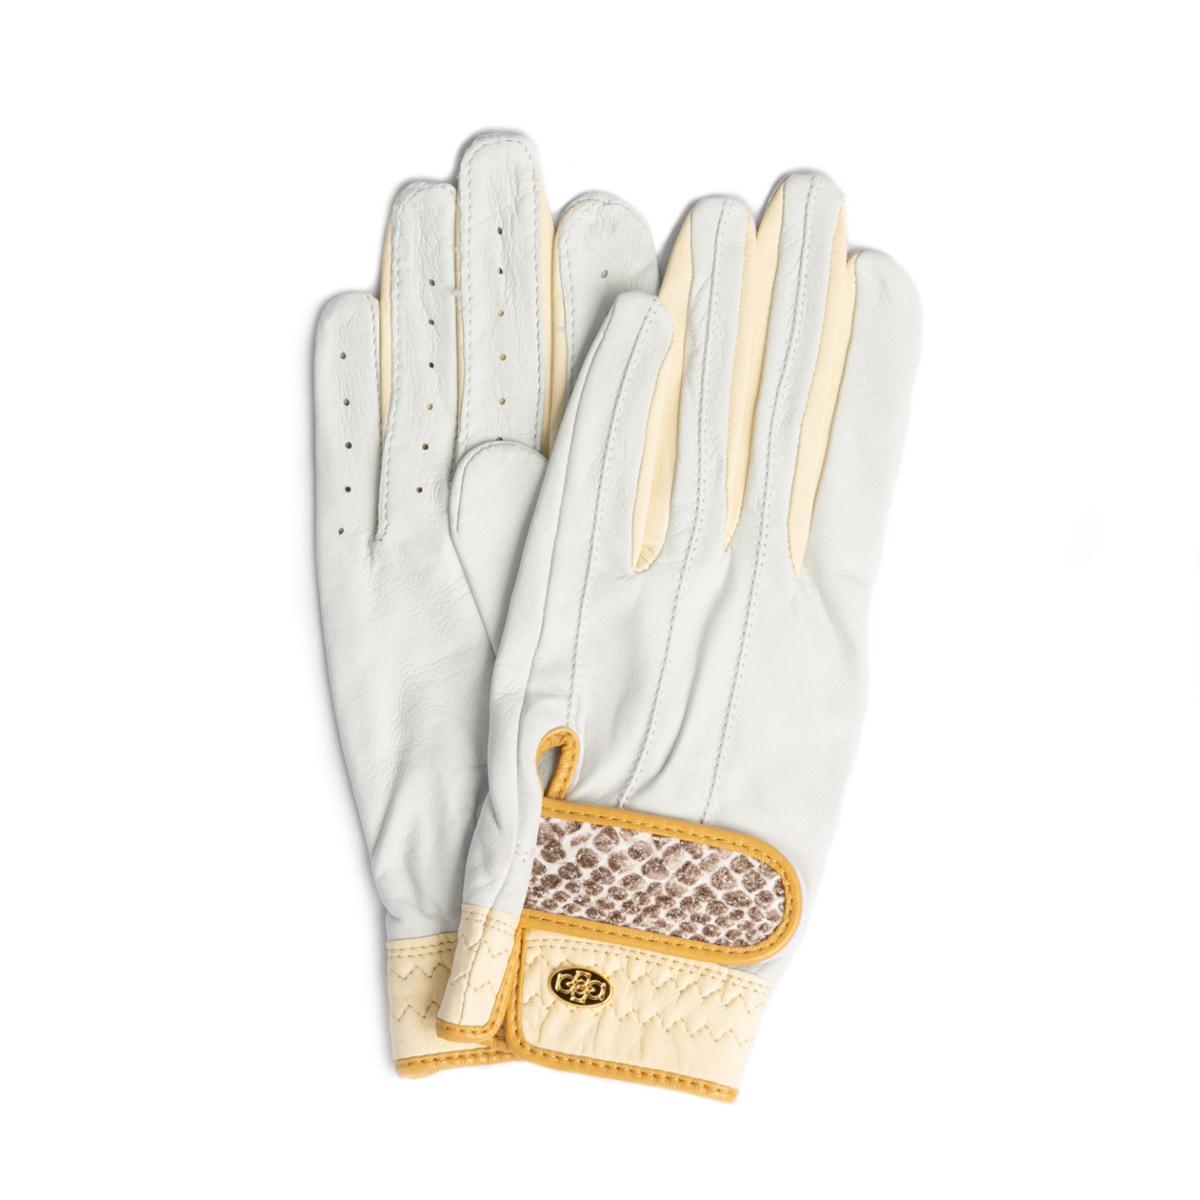 Elegant Golf Glove【両手】white-ivory-python